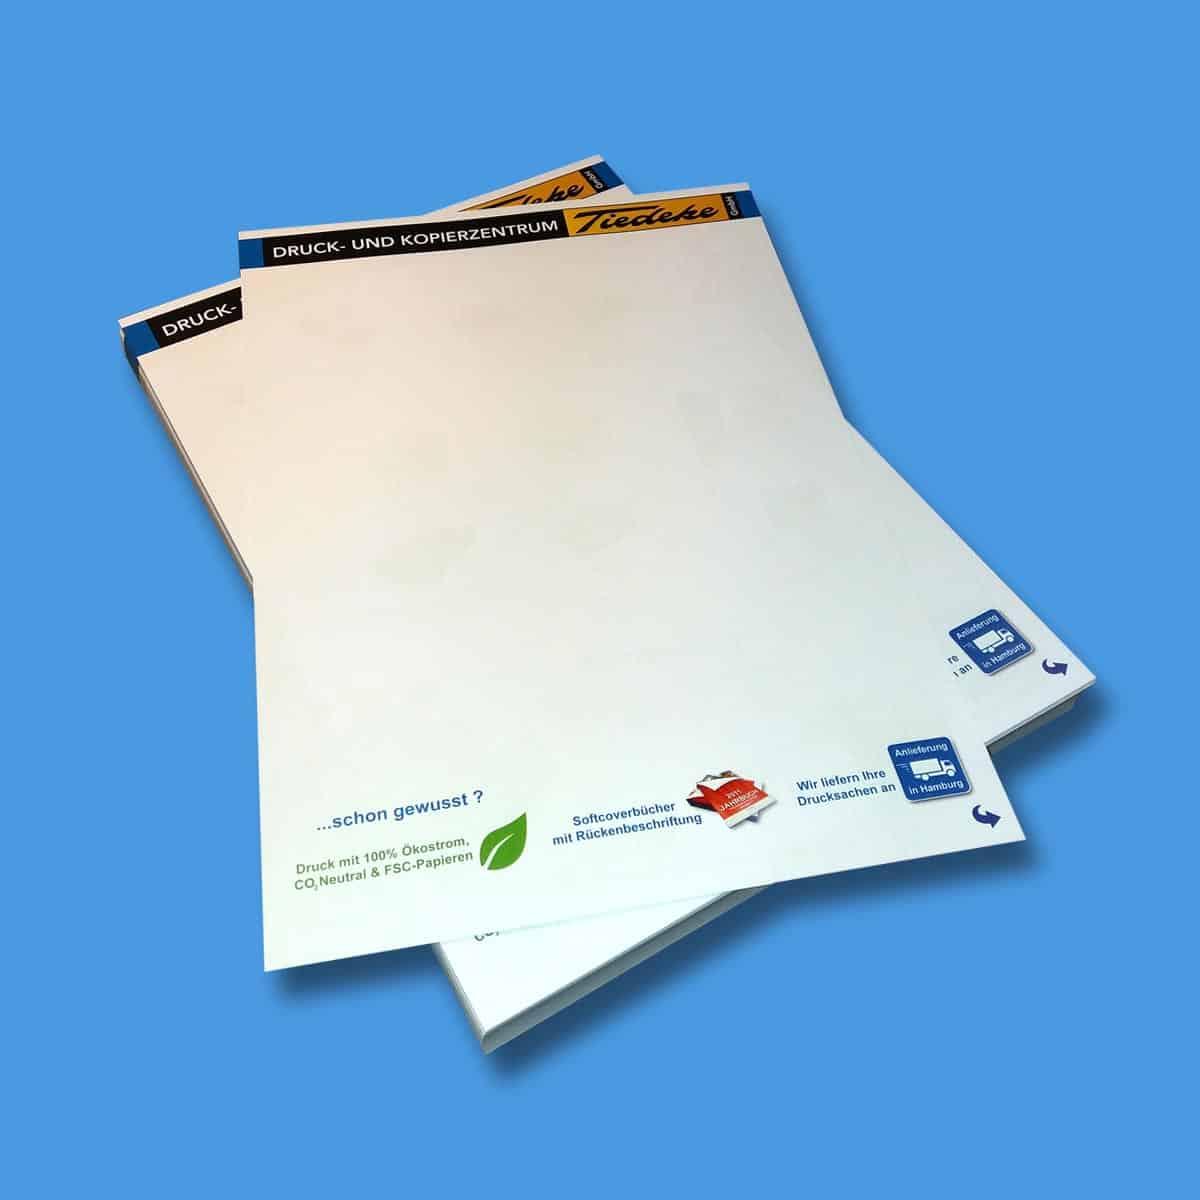 Papiergewicht Berechnen Was Wiegt Z B A4 Papier Www